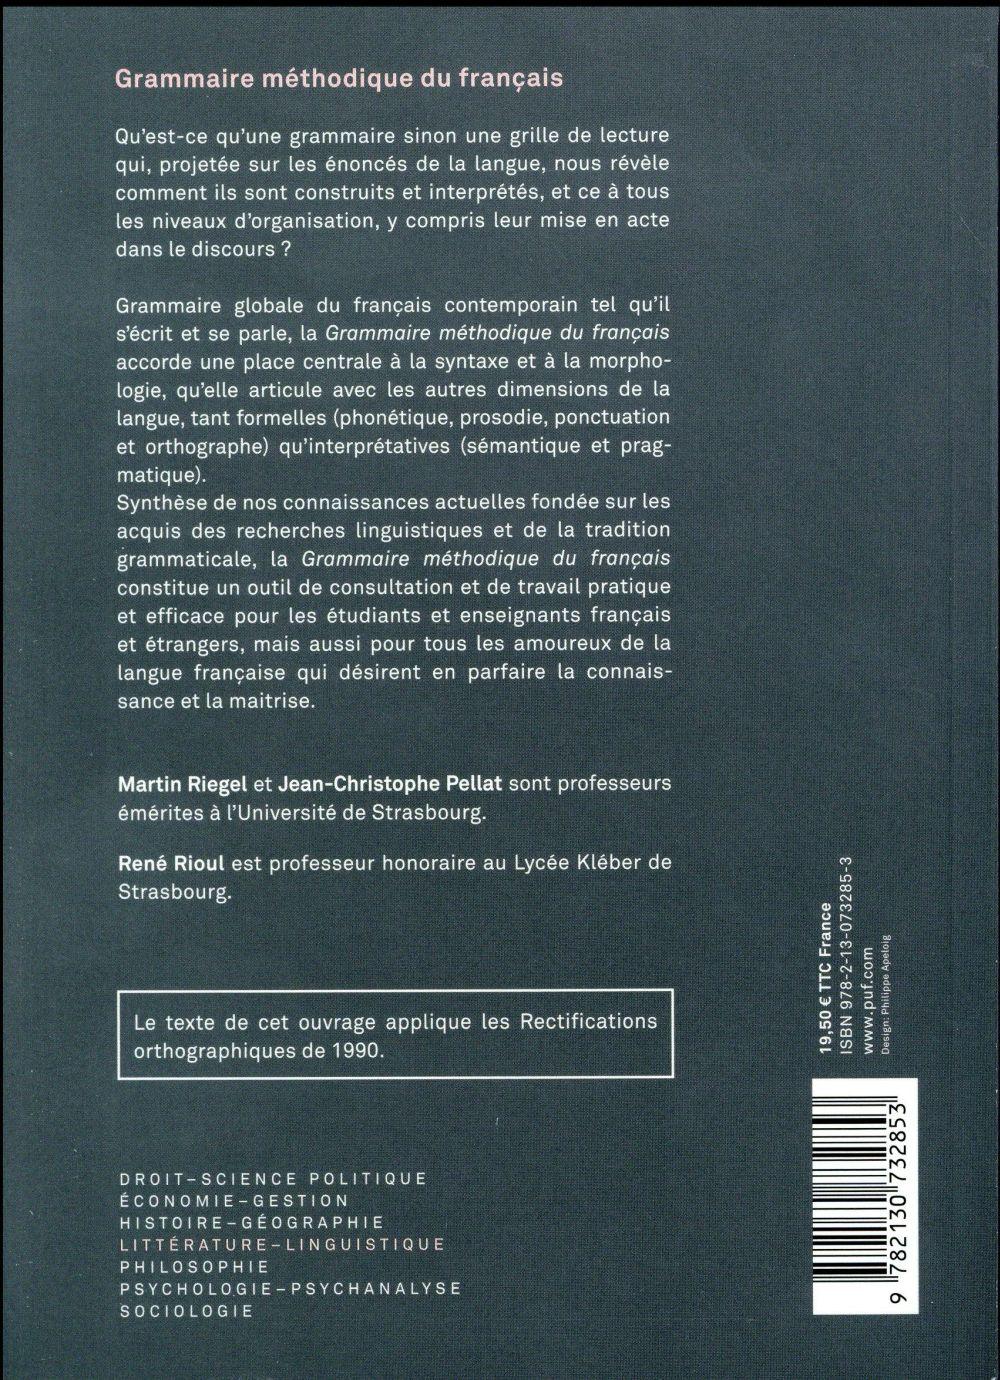 Grammaire méthodique du francais (6e édition)